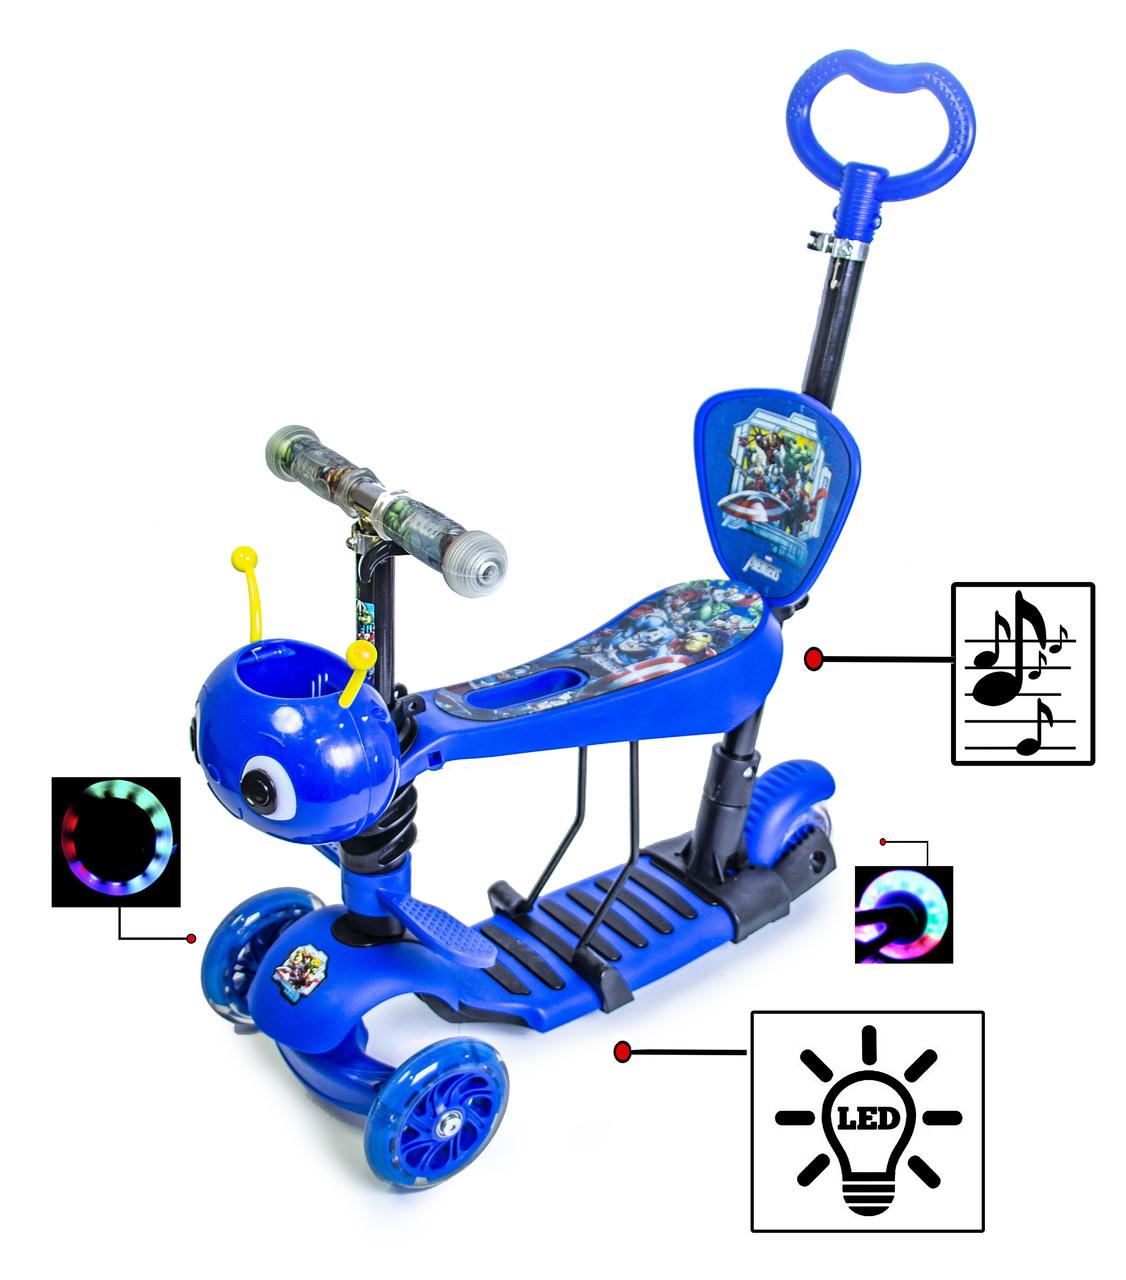 """Самокат Scooter """"Бджілка"""" 5in1. Герої. Blue. зі світлом і музикою!"""